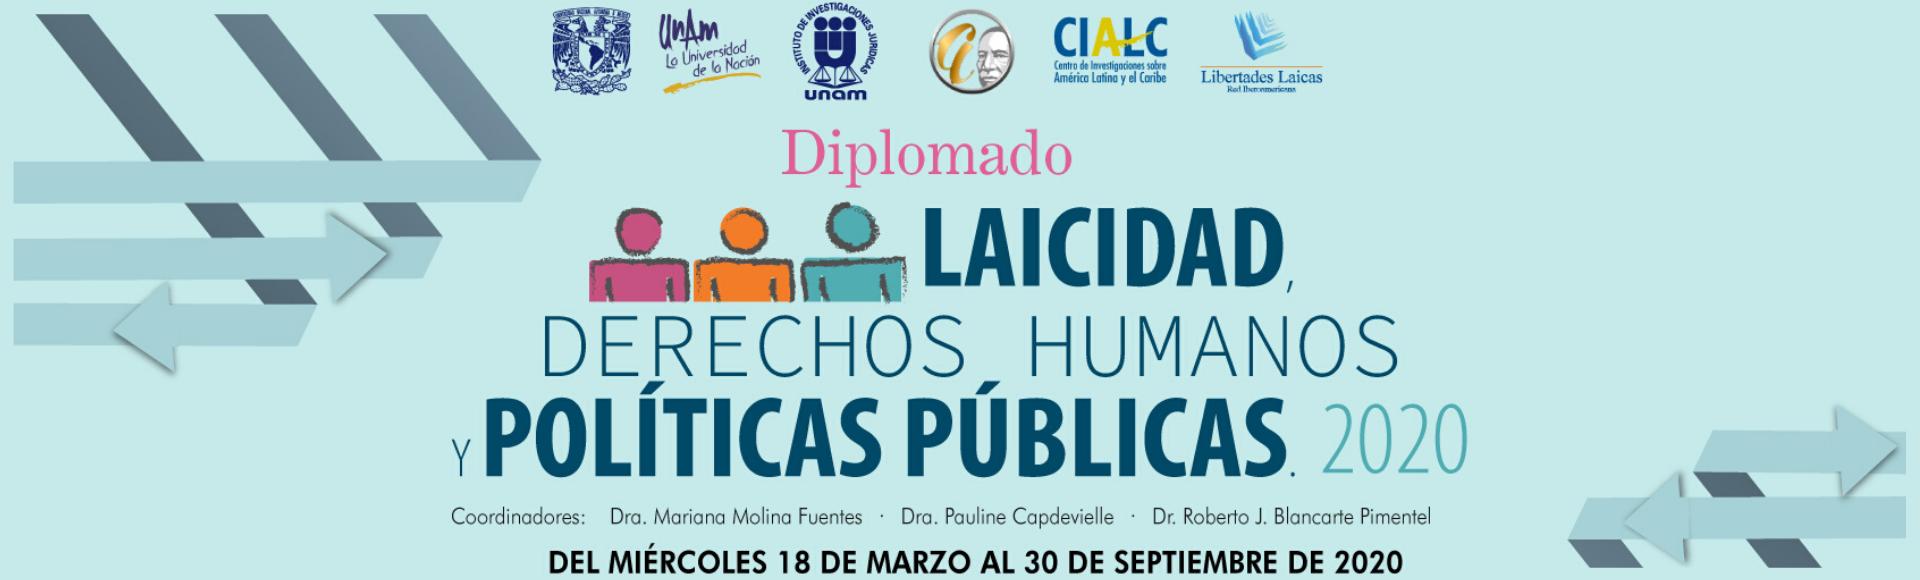 Diplomado Laicidad, Derechos Humanos y políticas públicas